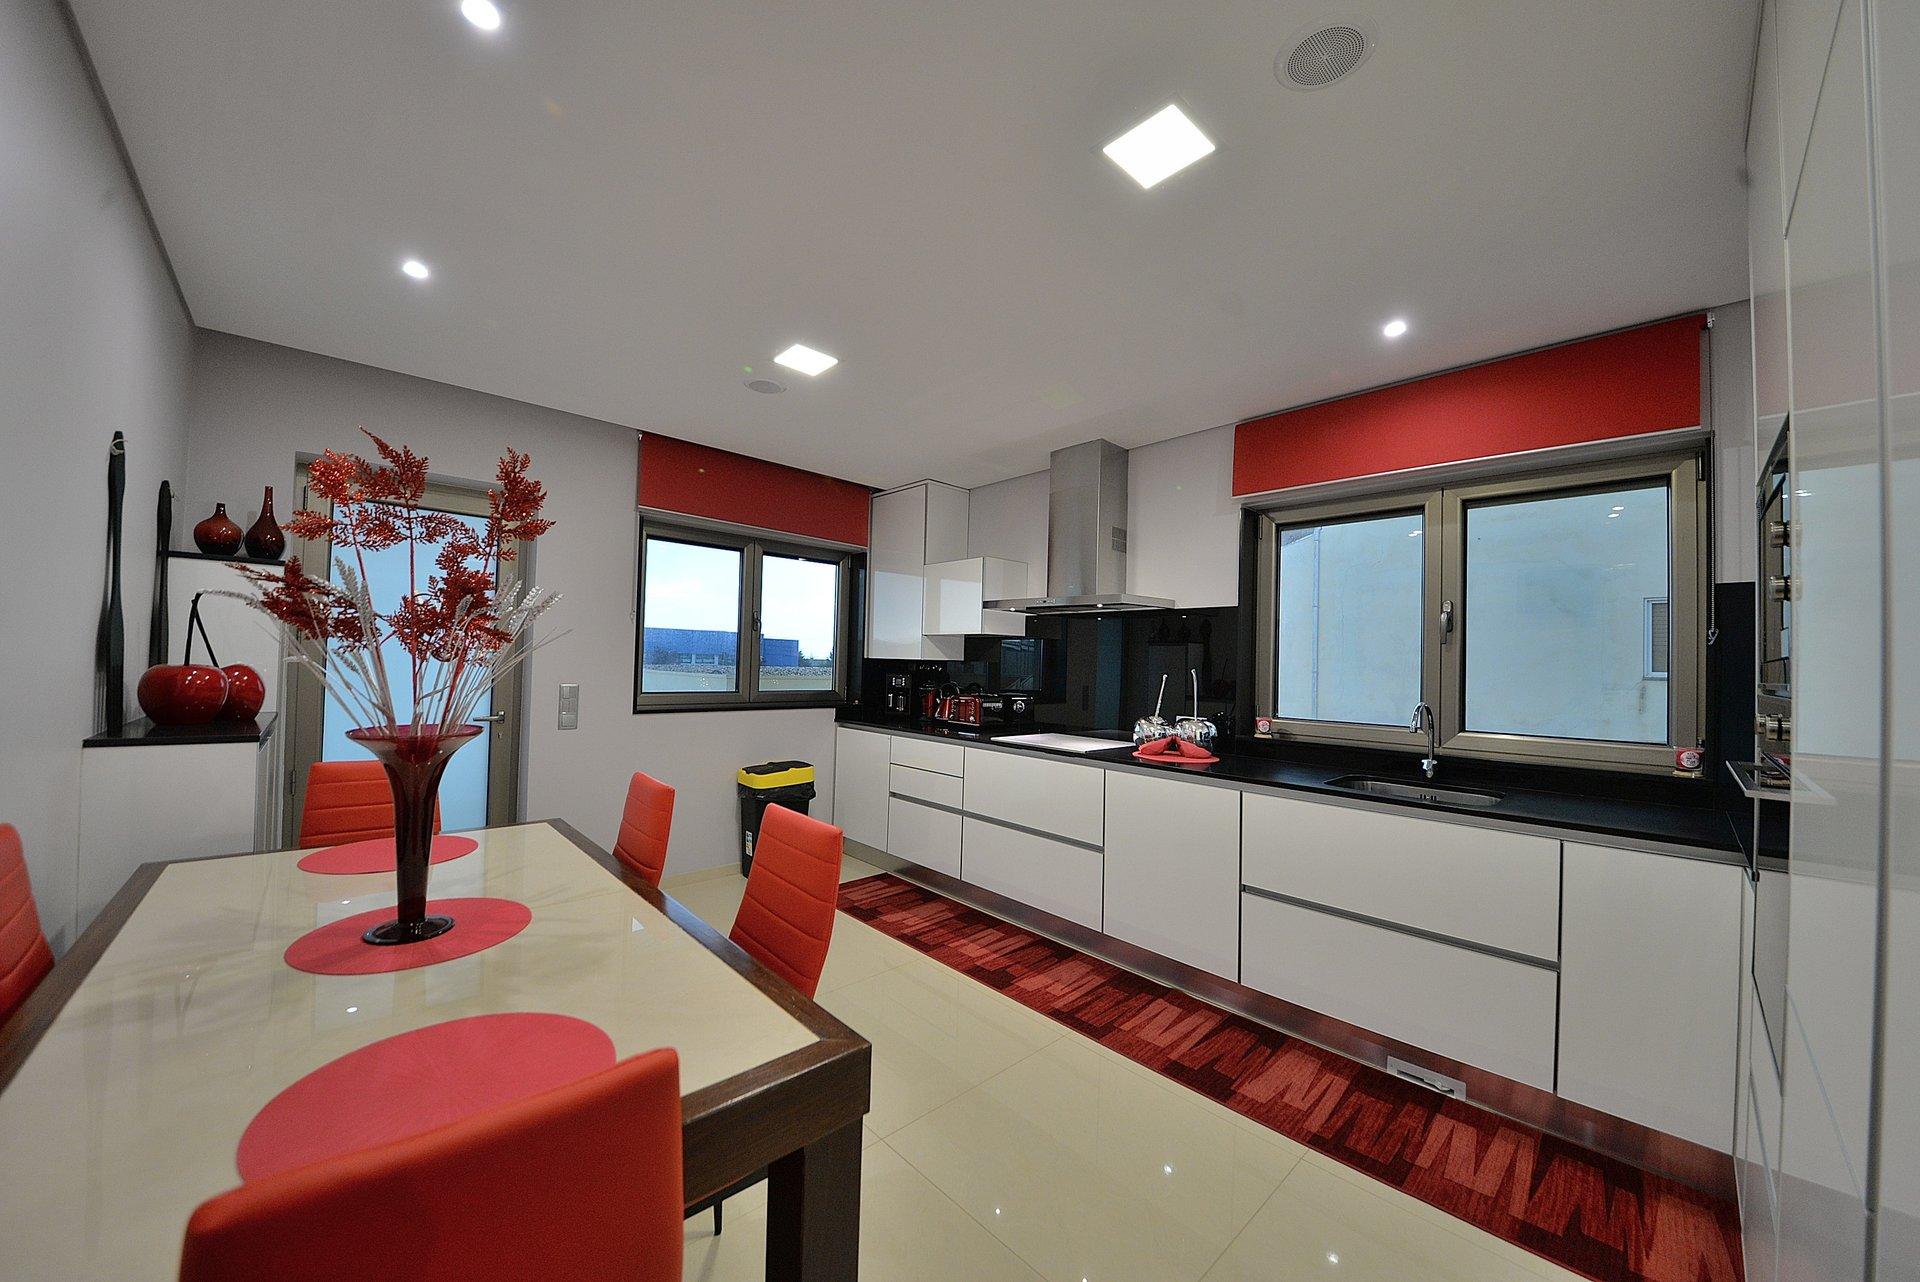 3 Bedroom Villa Vila Nova de Gaia, Porto Ref: AVP67